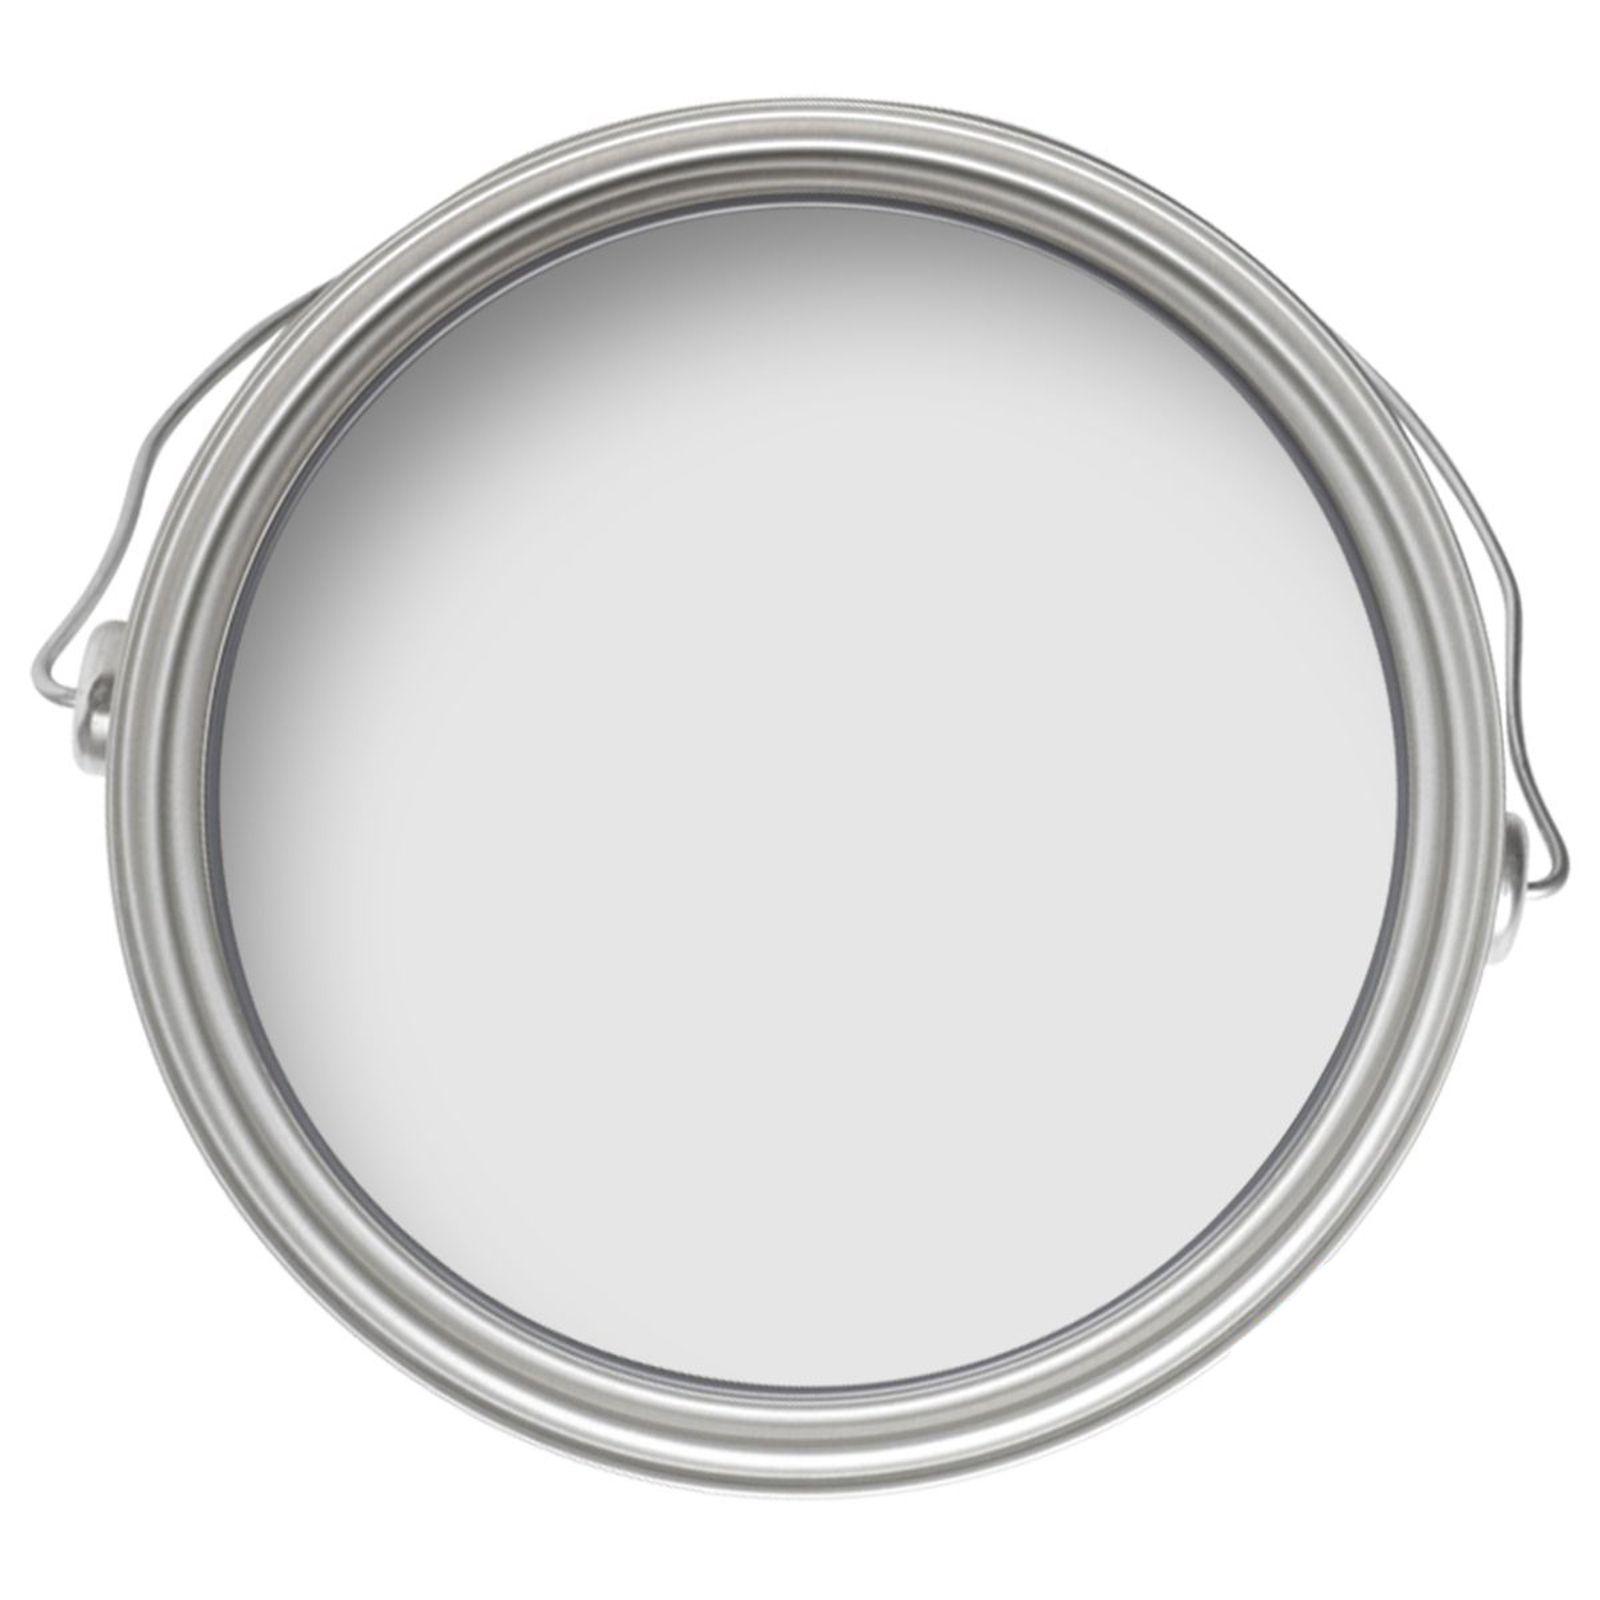 Dulux White Mist - Matt Emulsion Paint - 5L | Dulux light and space, Satin  paint, Dulux